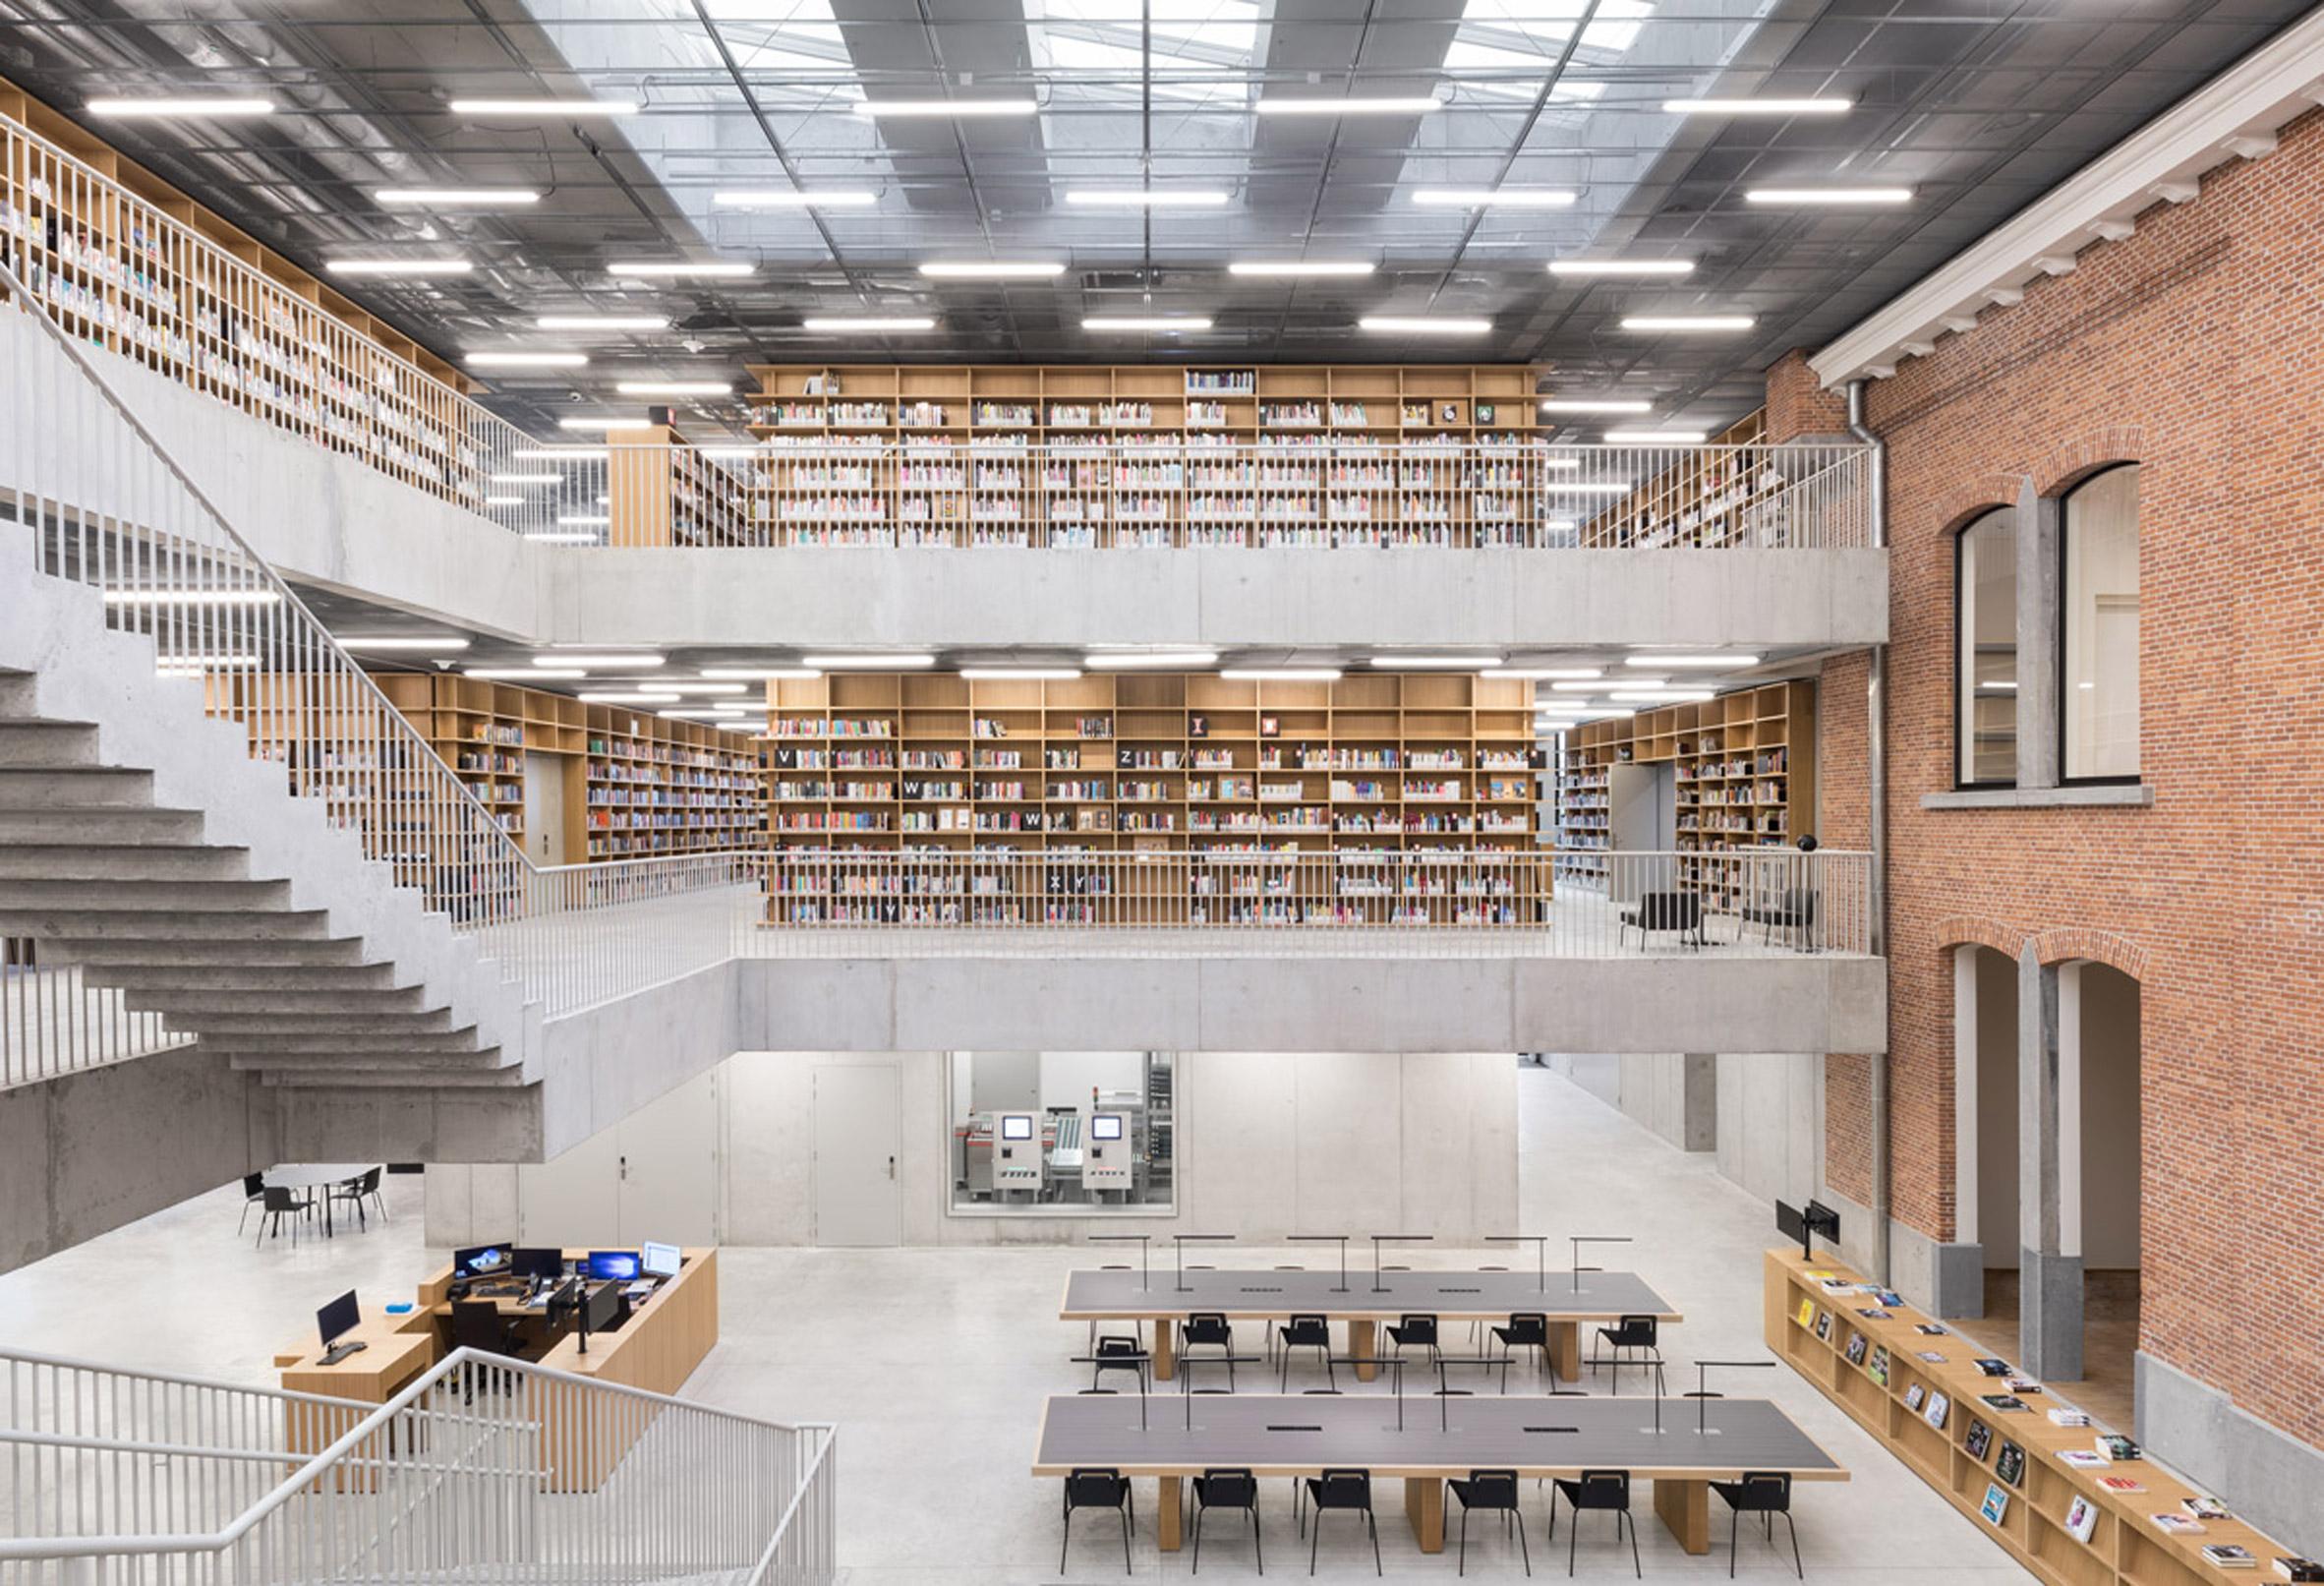 Kaan Architecten's Utopia building